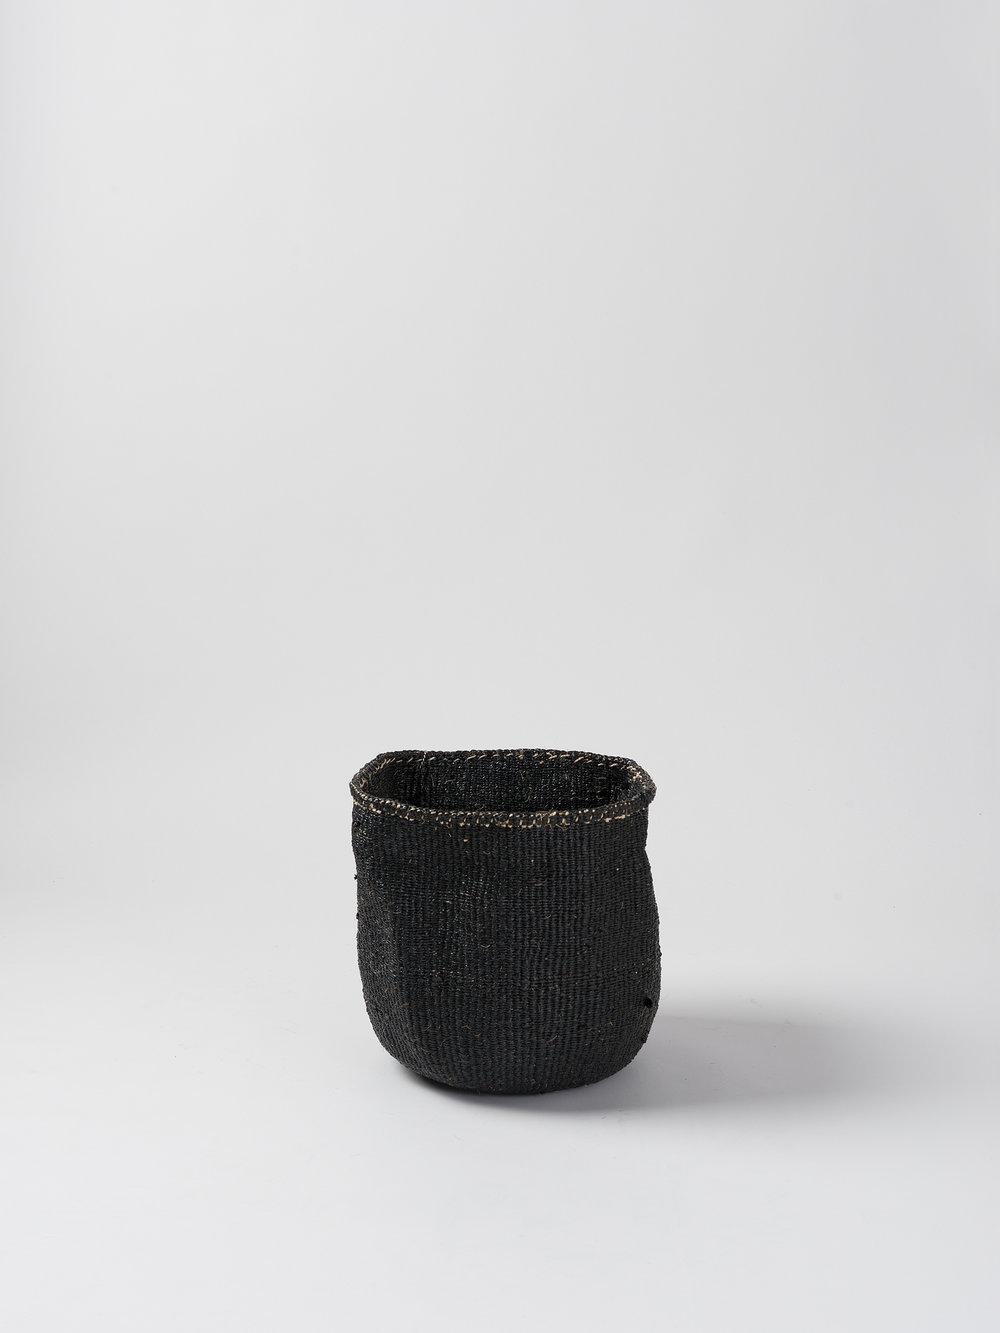 Kiondo Basaket  From $69.90